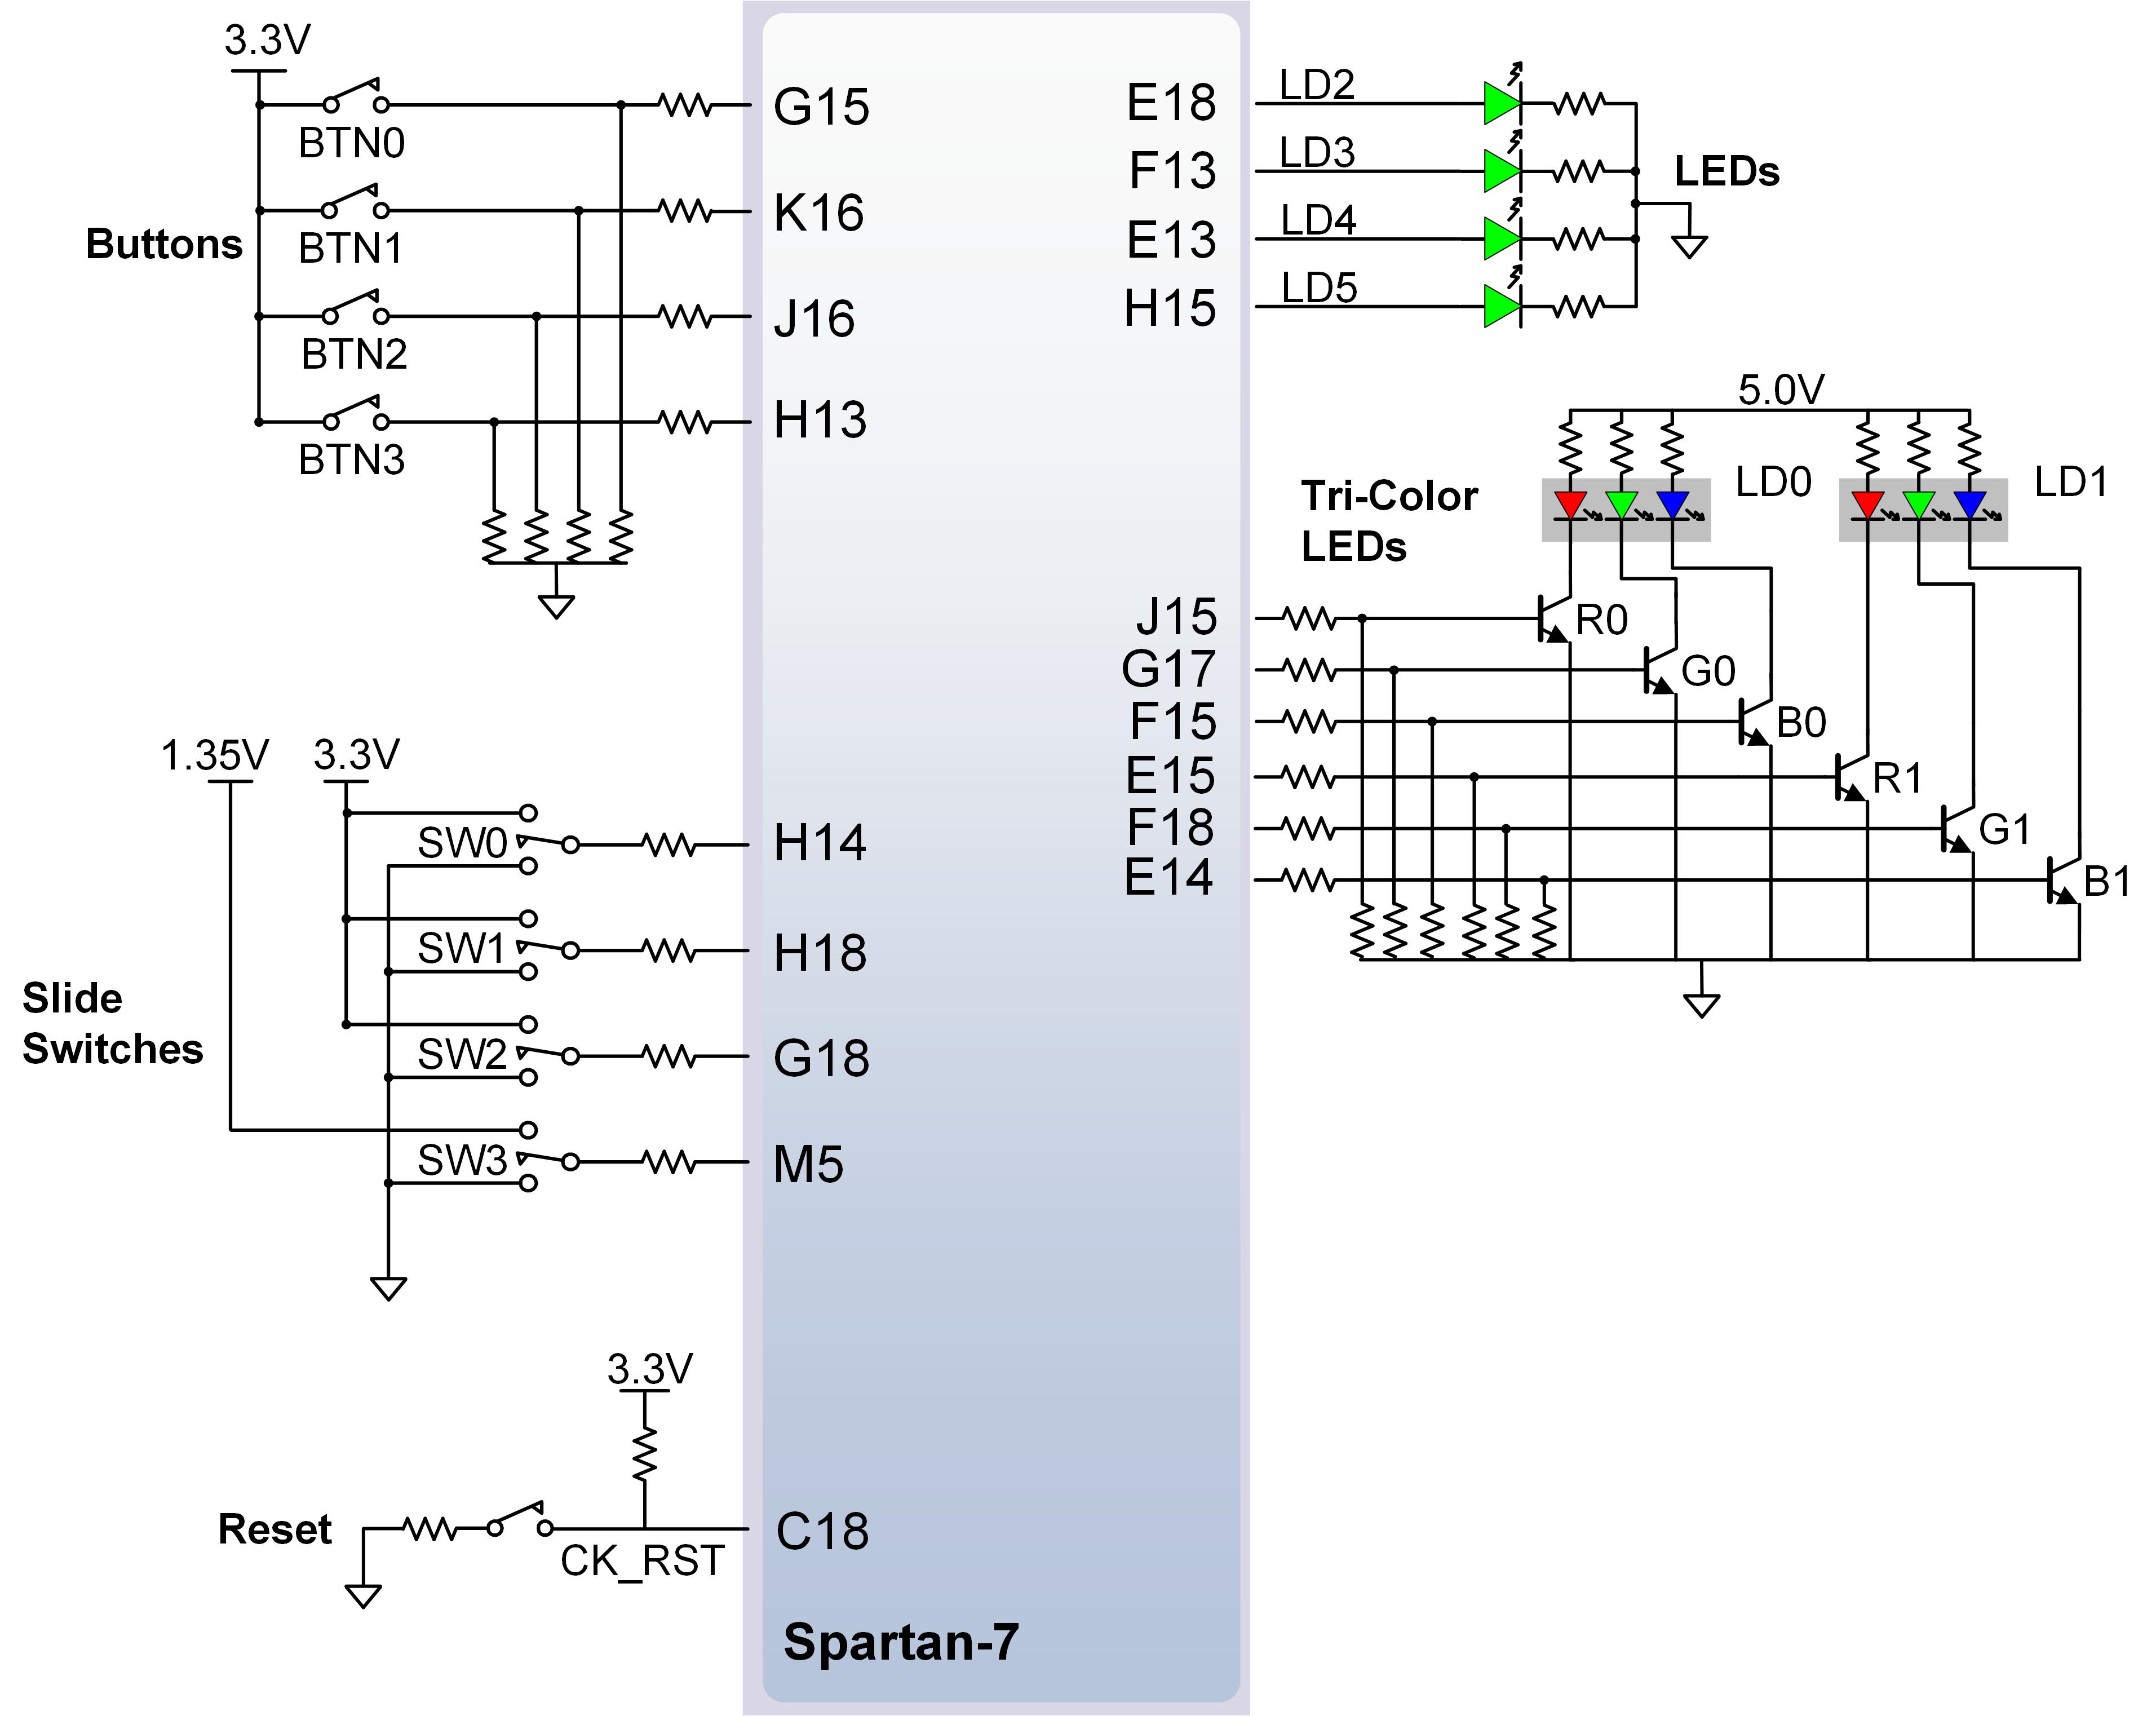 Figure 7.1. Arty S7 GPIO.